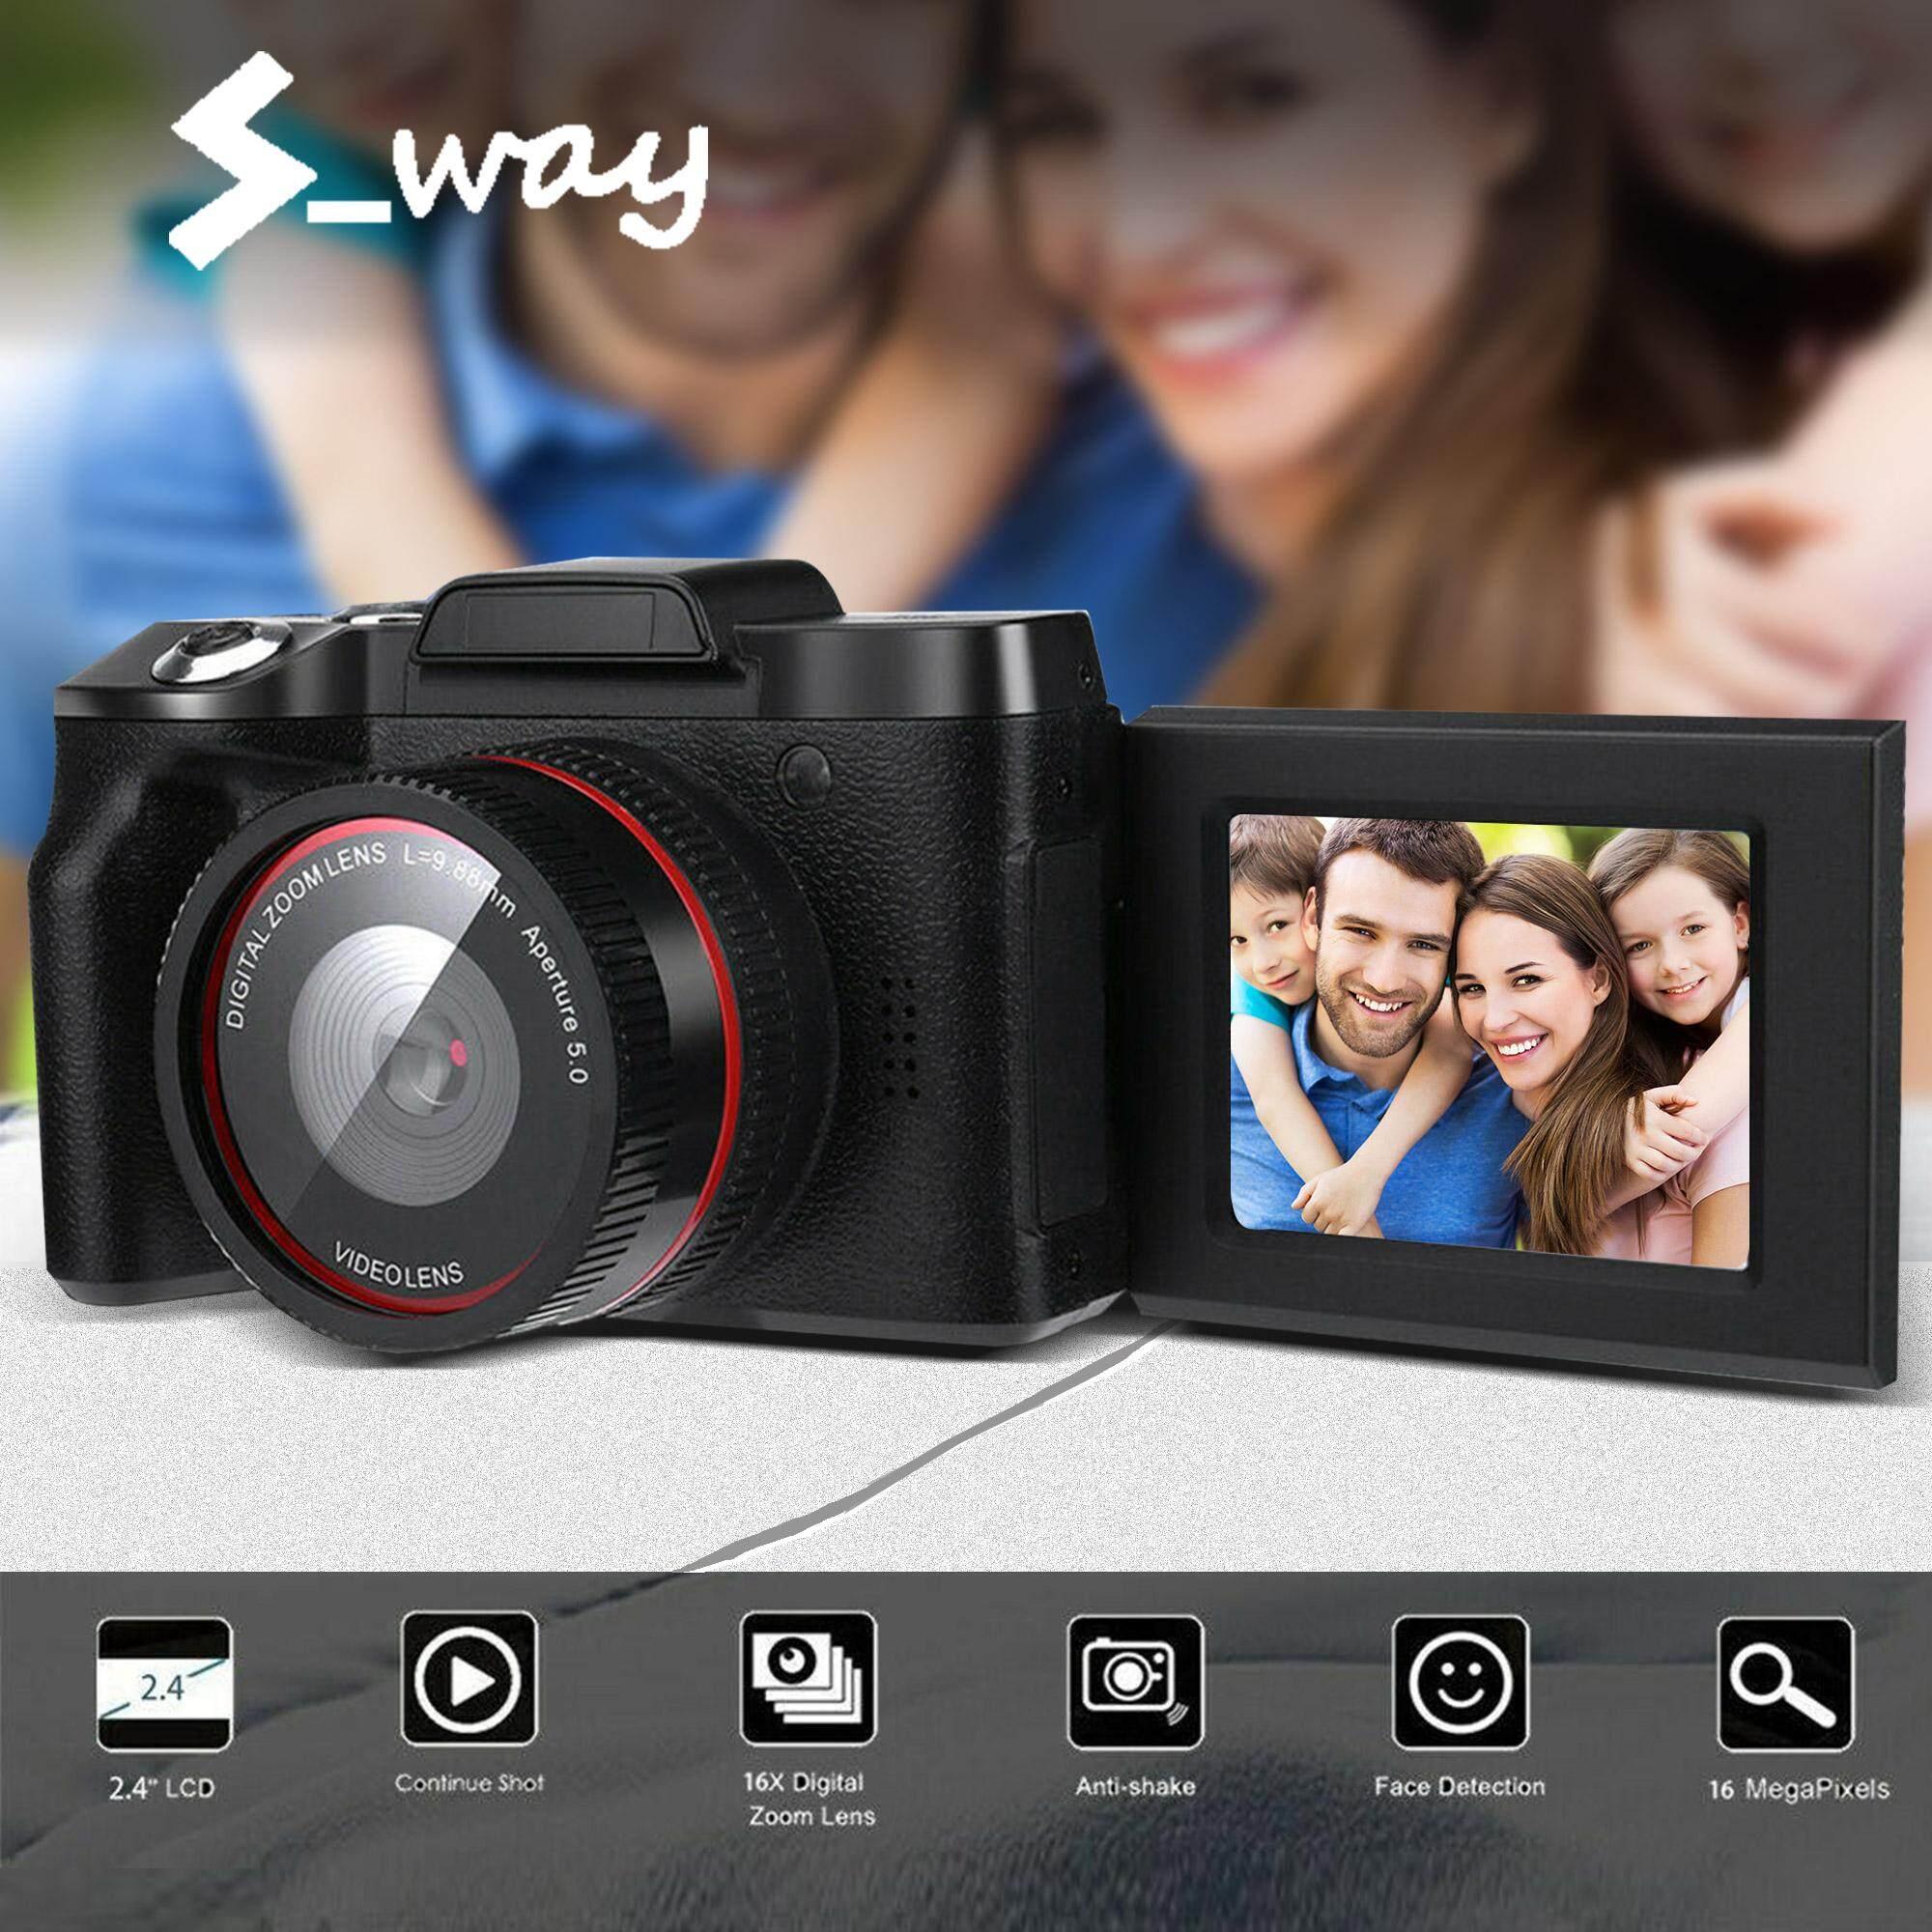 Máy Quay Phim Chụp Ảnh Kỹ Thuật Số S _ Way XJ06, Dùng Để Thu Hình, Quay Vlog, Tự Chụp Chân Dung Chuyên Nghiệp Chuẩn Full HD 1080P, 16MP, Chính Hãng Giá Rẻ Bất Ngờ